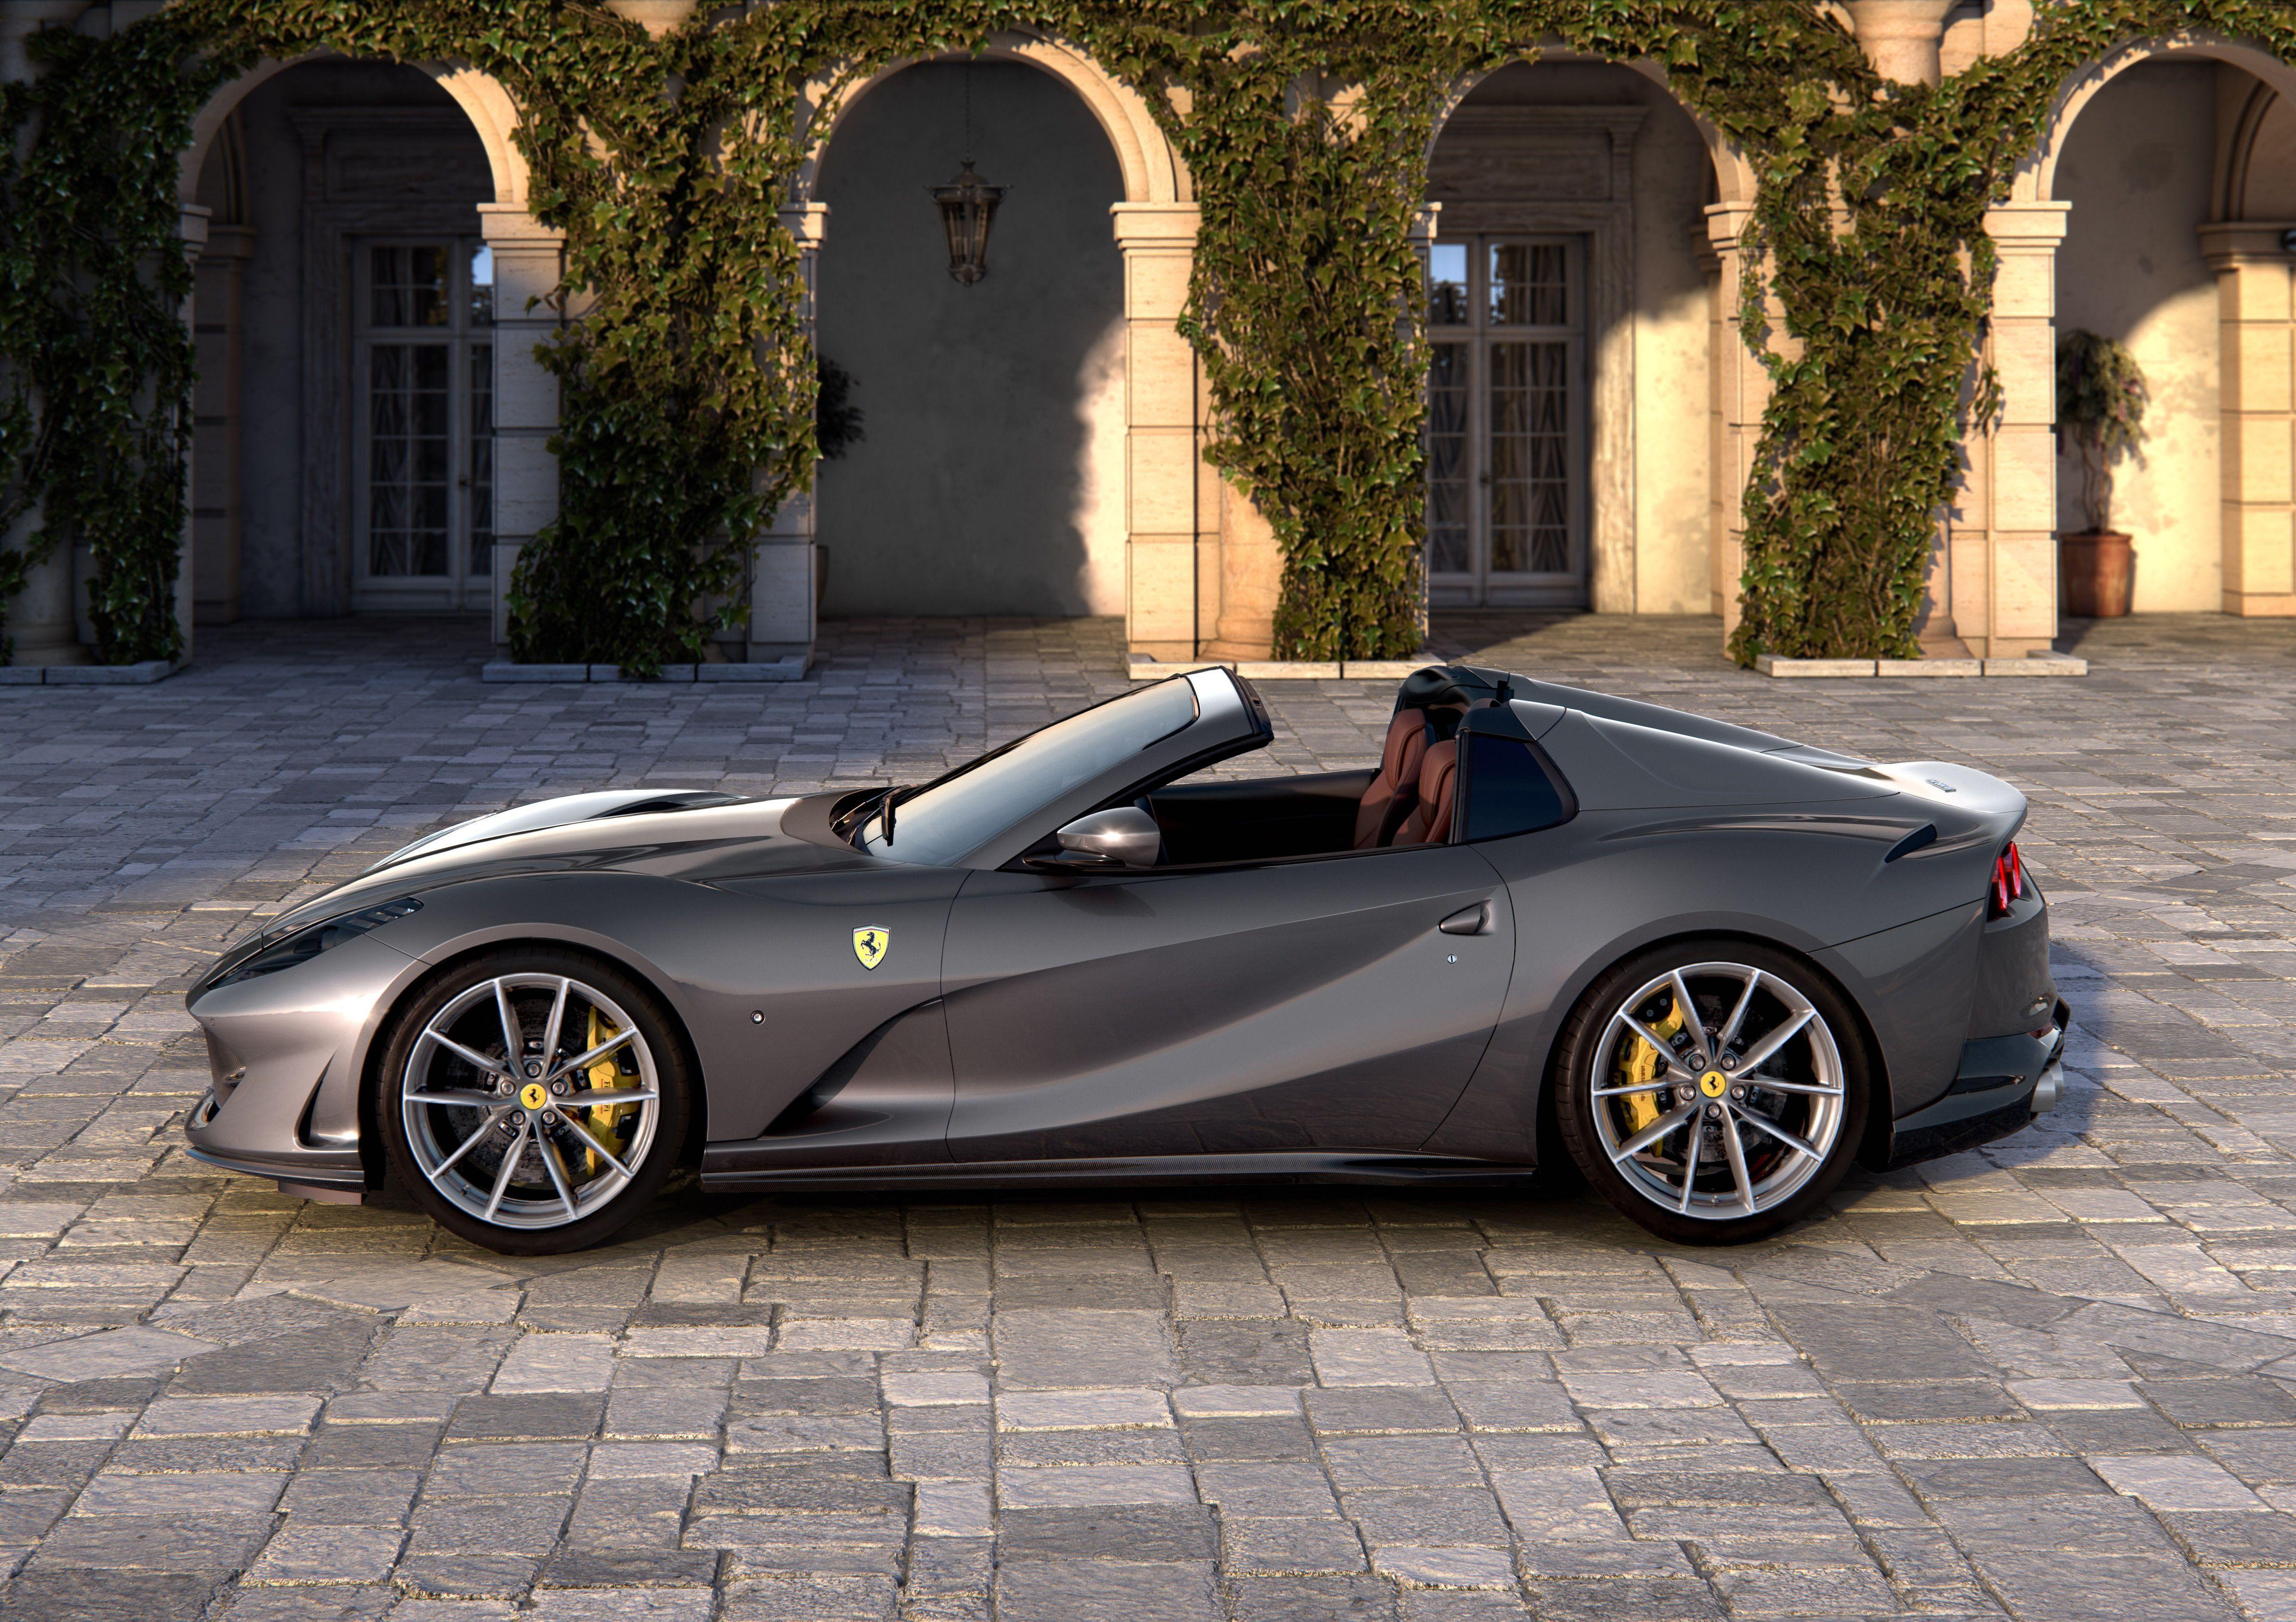 Ferrari 812 gts side 1567971230